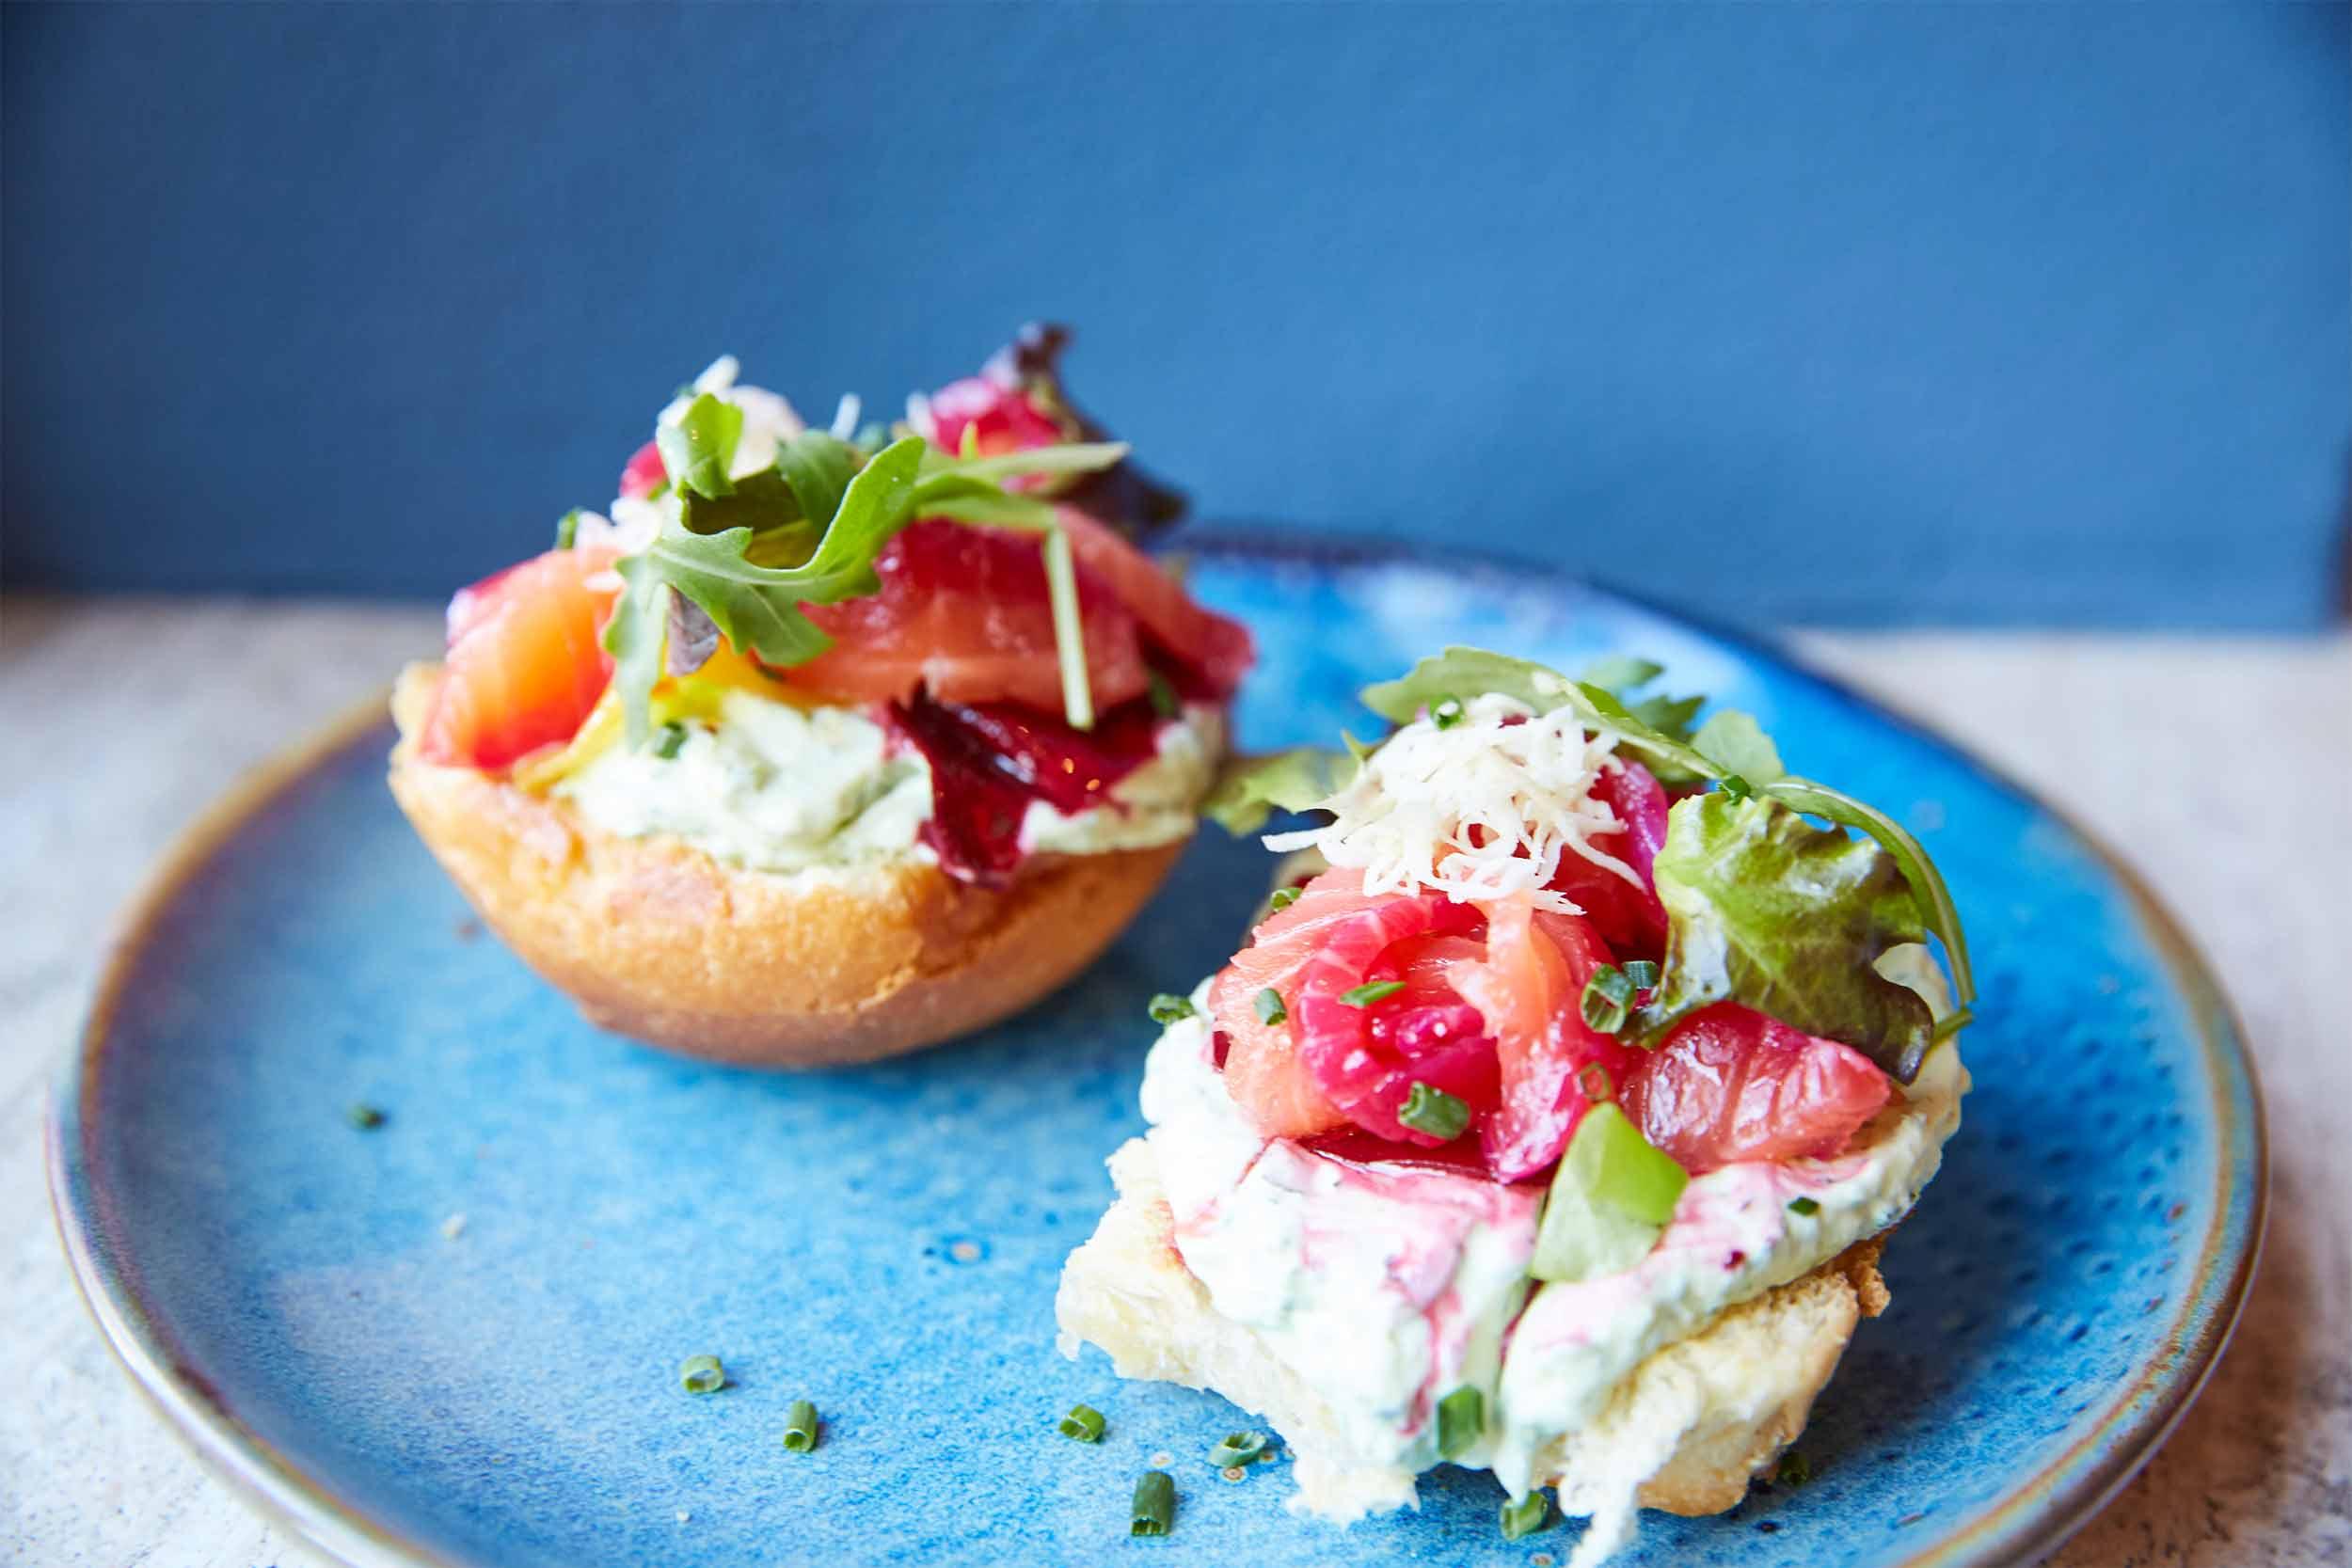 Blaue Kappe Essen und Trinken Augsburg Corporate Design und Website – Frühstück